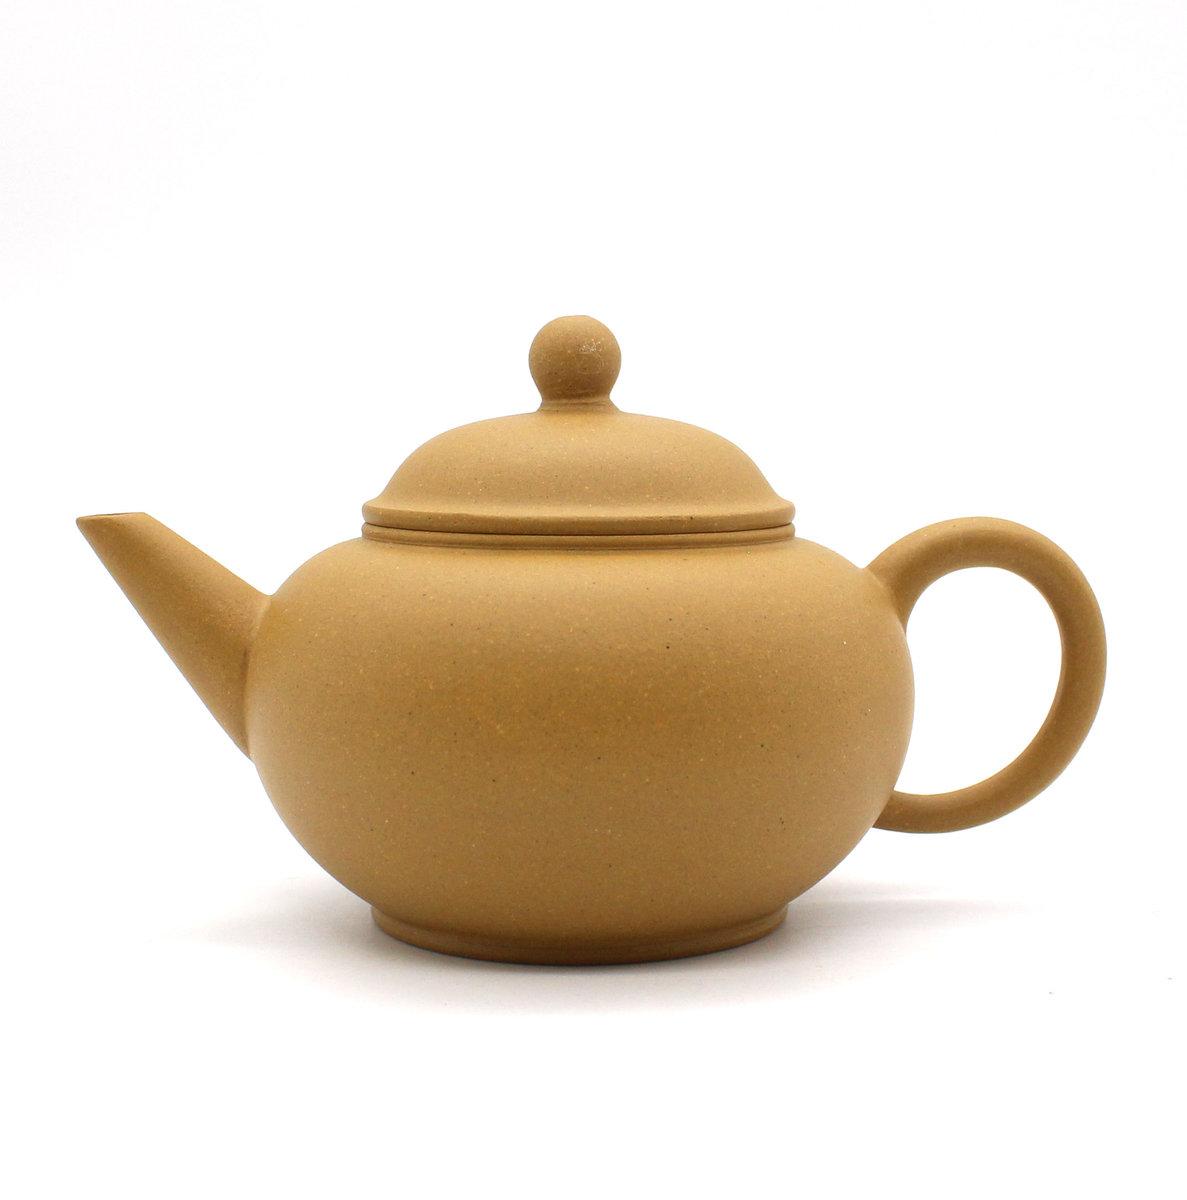 友余手工紫砂沖茶壺-200毫升(段泥/黃色)